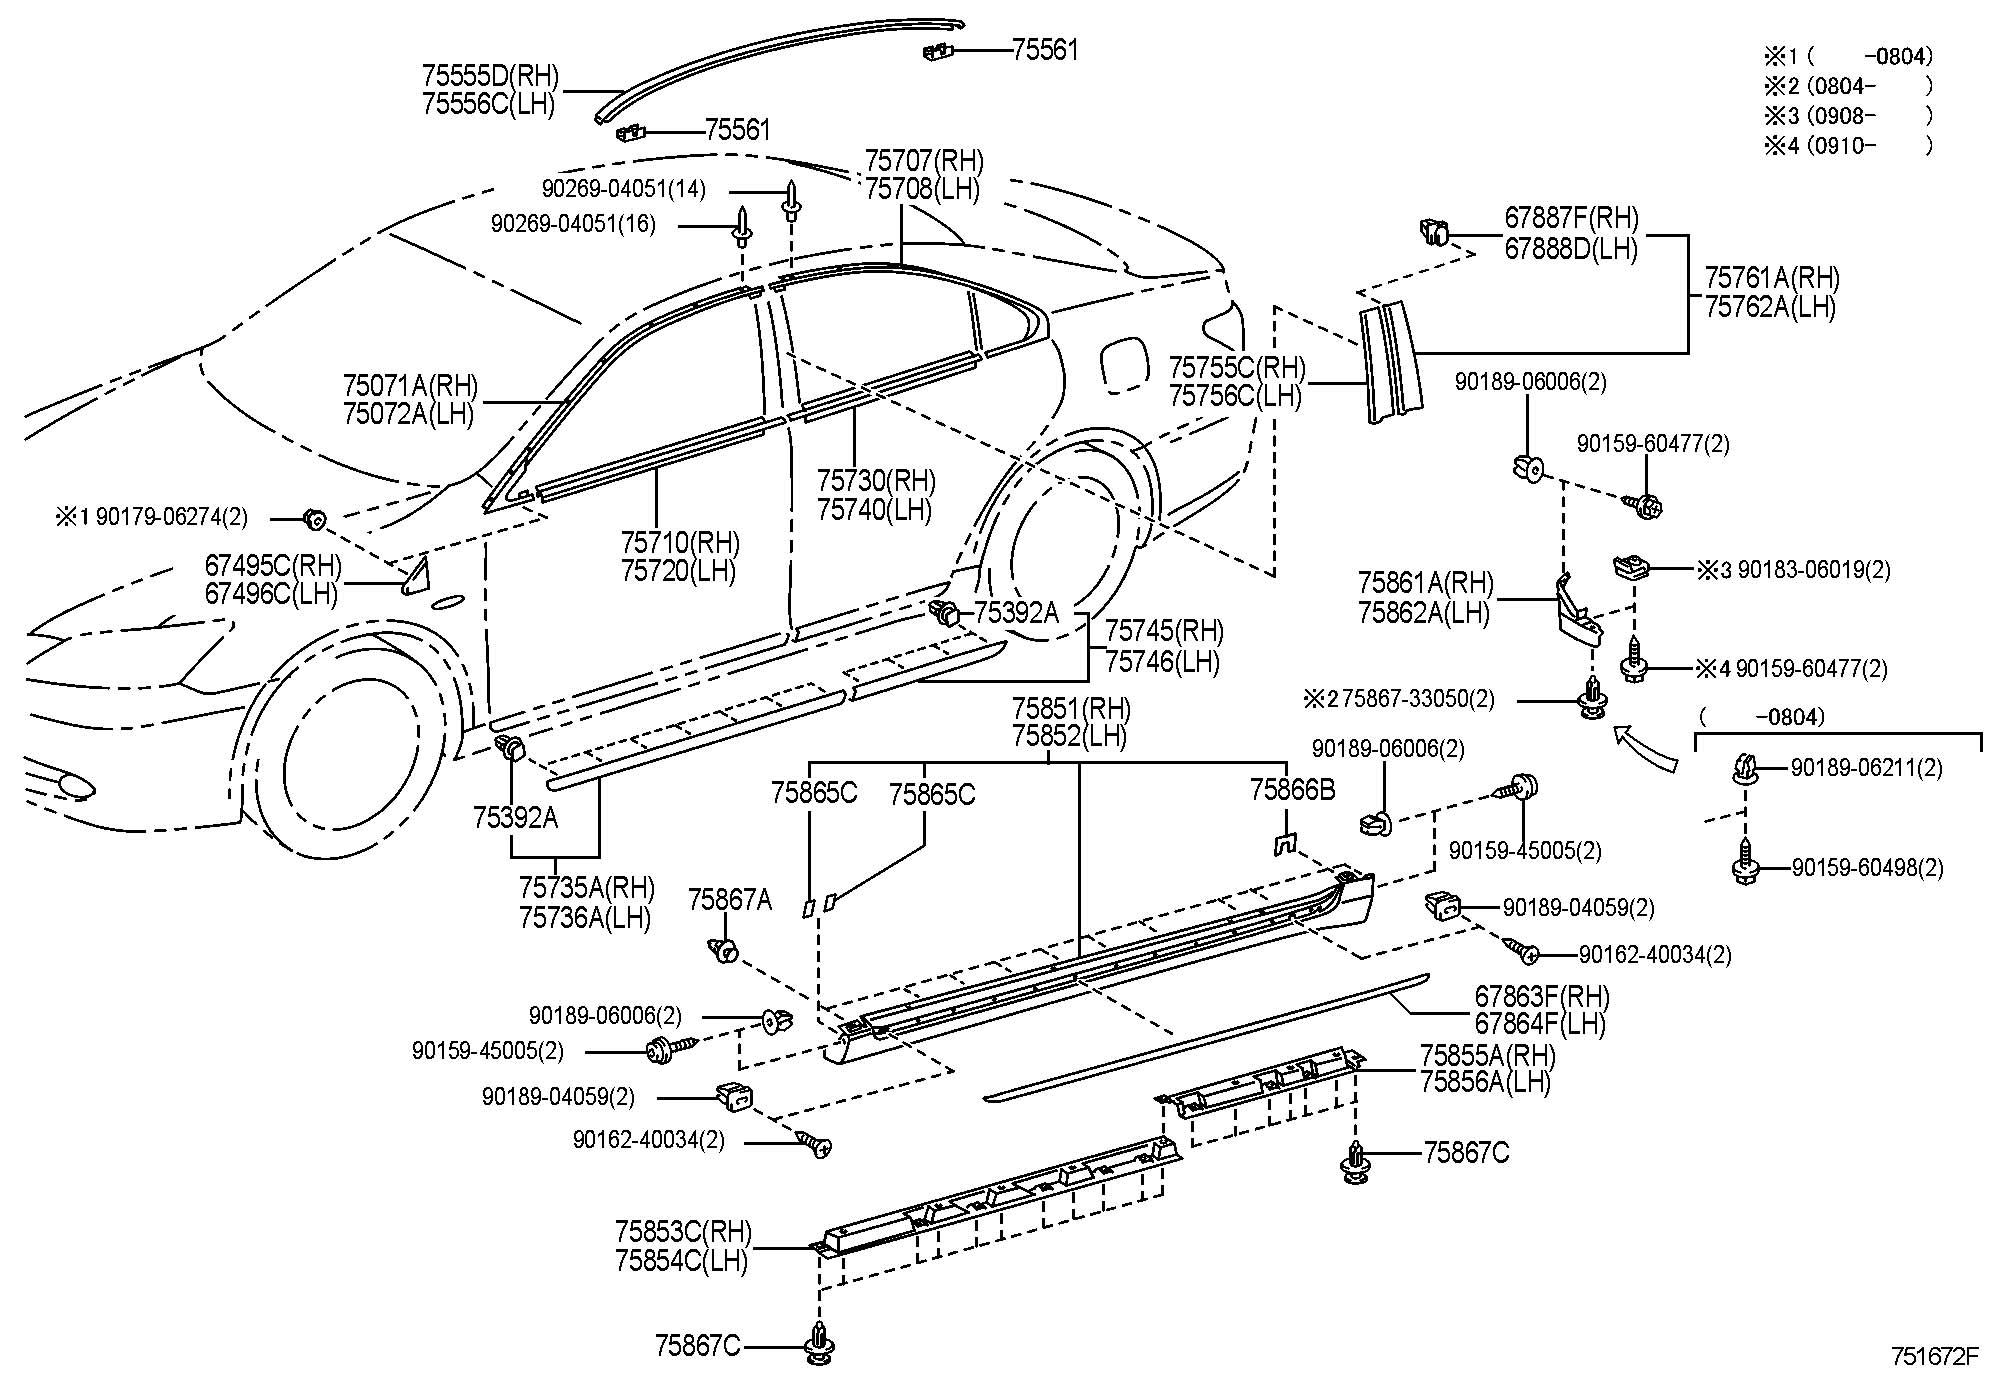 2004 lexus rx330 fuse diagram